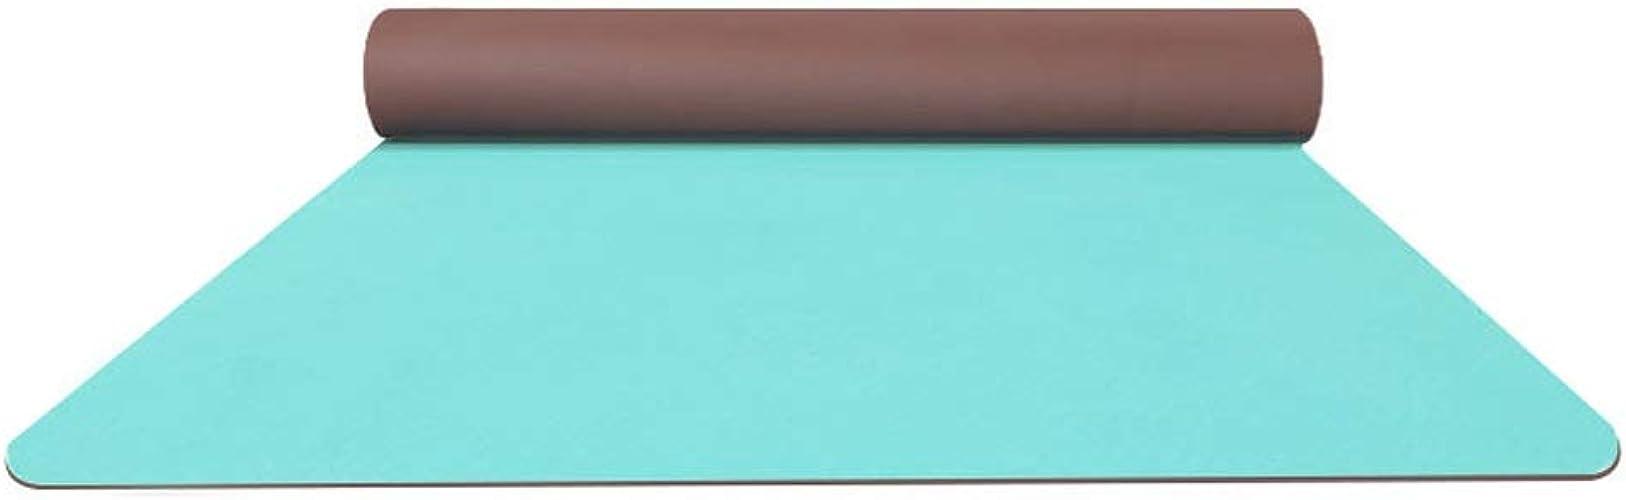 Tapis de Yoga TPE Tapis de Yoga Slip féminin 80cm épaississement élargi Long débutant Tapis de Fitness Yoga Tapis Maison LJJOZ (Couleur   bleu)